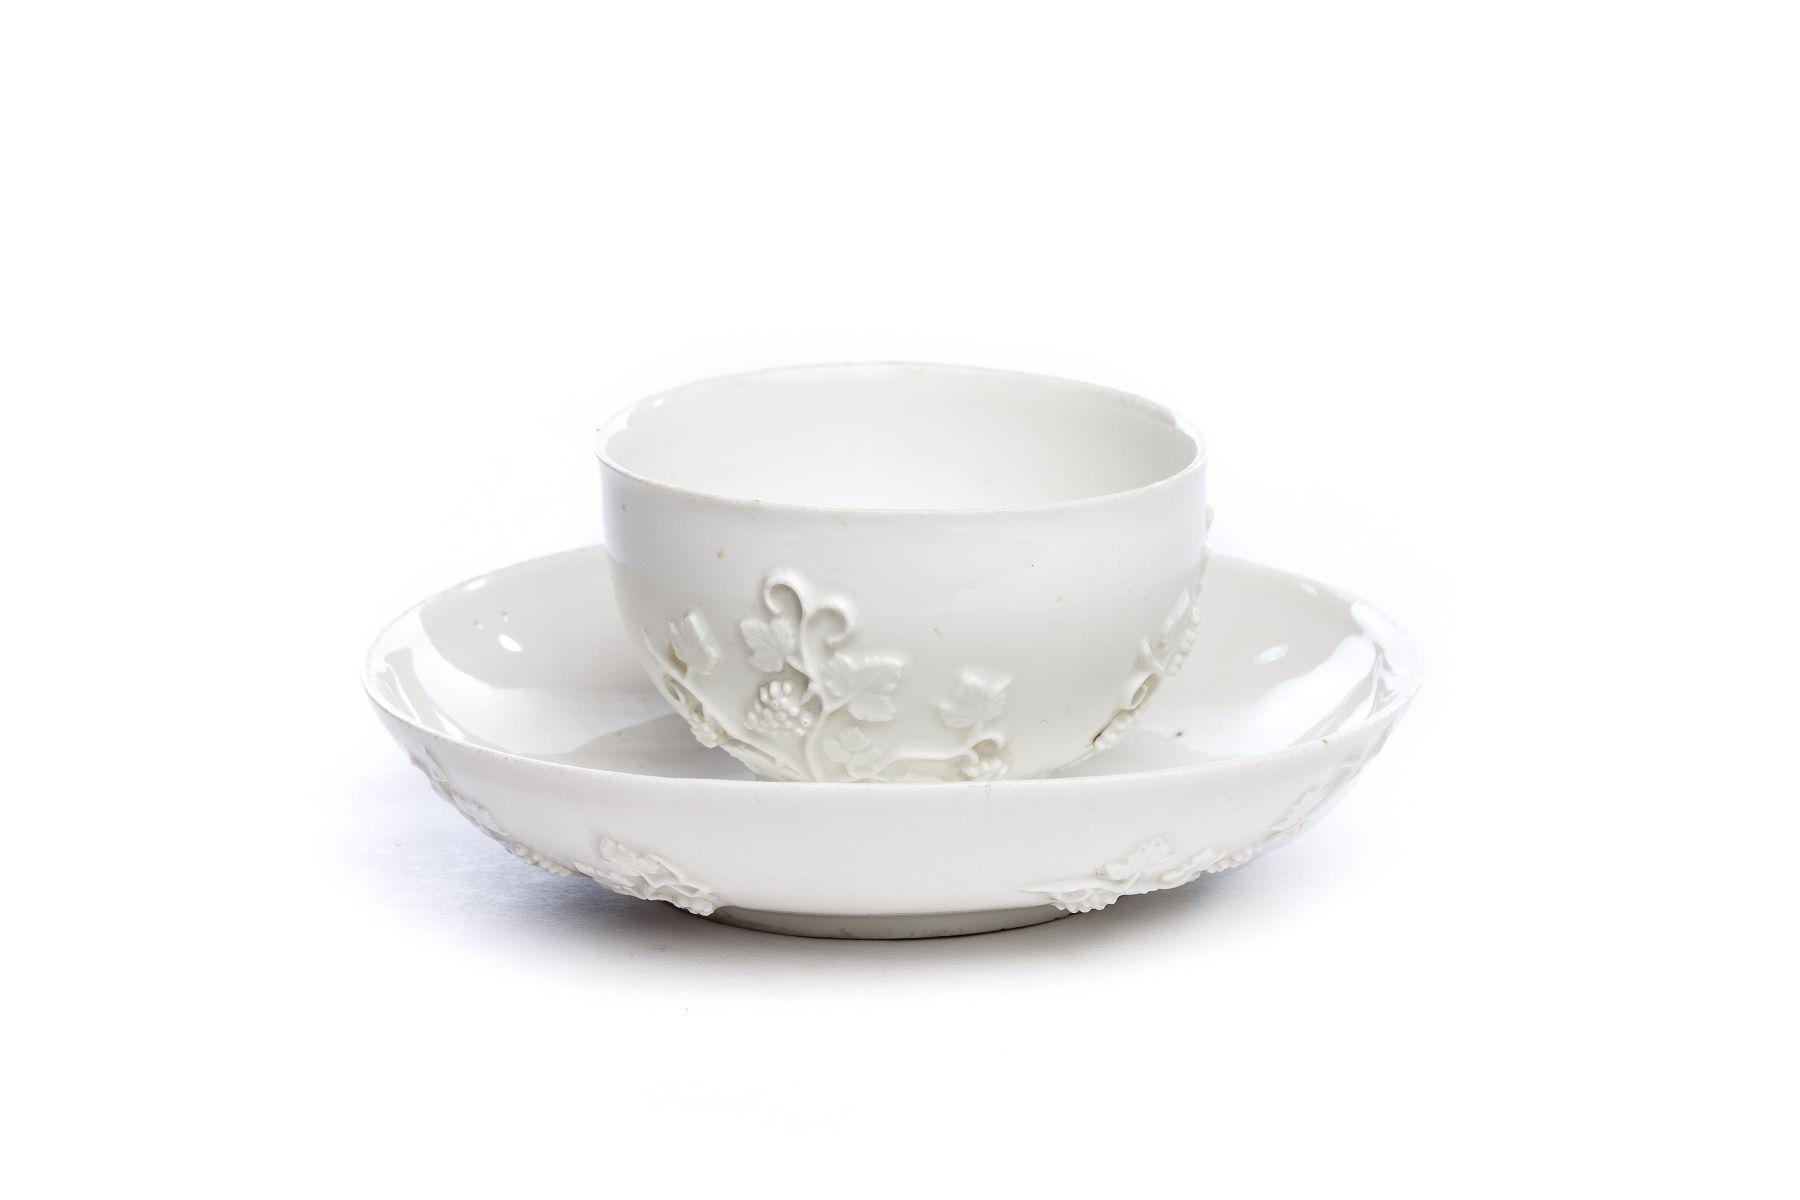 #48 Bowl with saucer, white Böttger porcelain, Meissen 1720 | Koppchen mit Unterschale, weißes Böttgerporzellan, Meissen 1720 Image